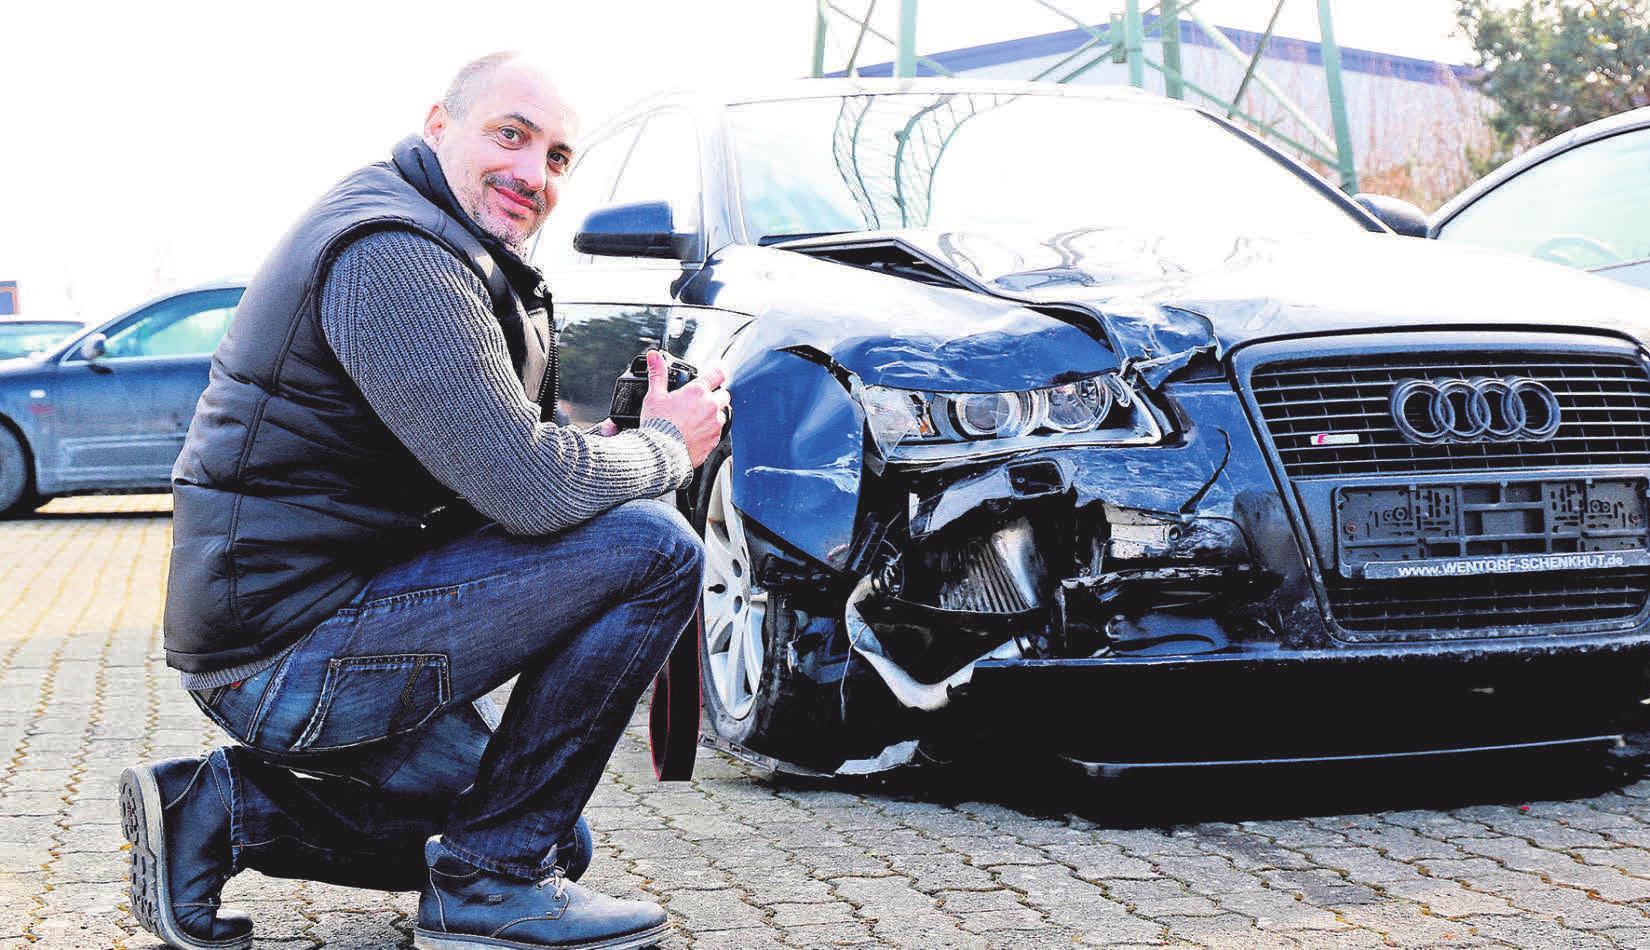 Stefan Künemund ist Sachverständiger im Sachverständigenbüro für Fahrzeugtechnik mit Standorten in Gieboldehausen und Renshausen.